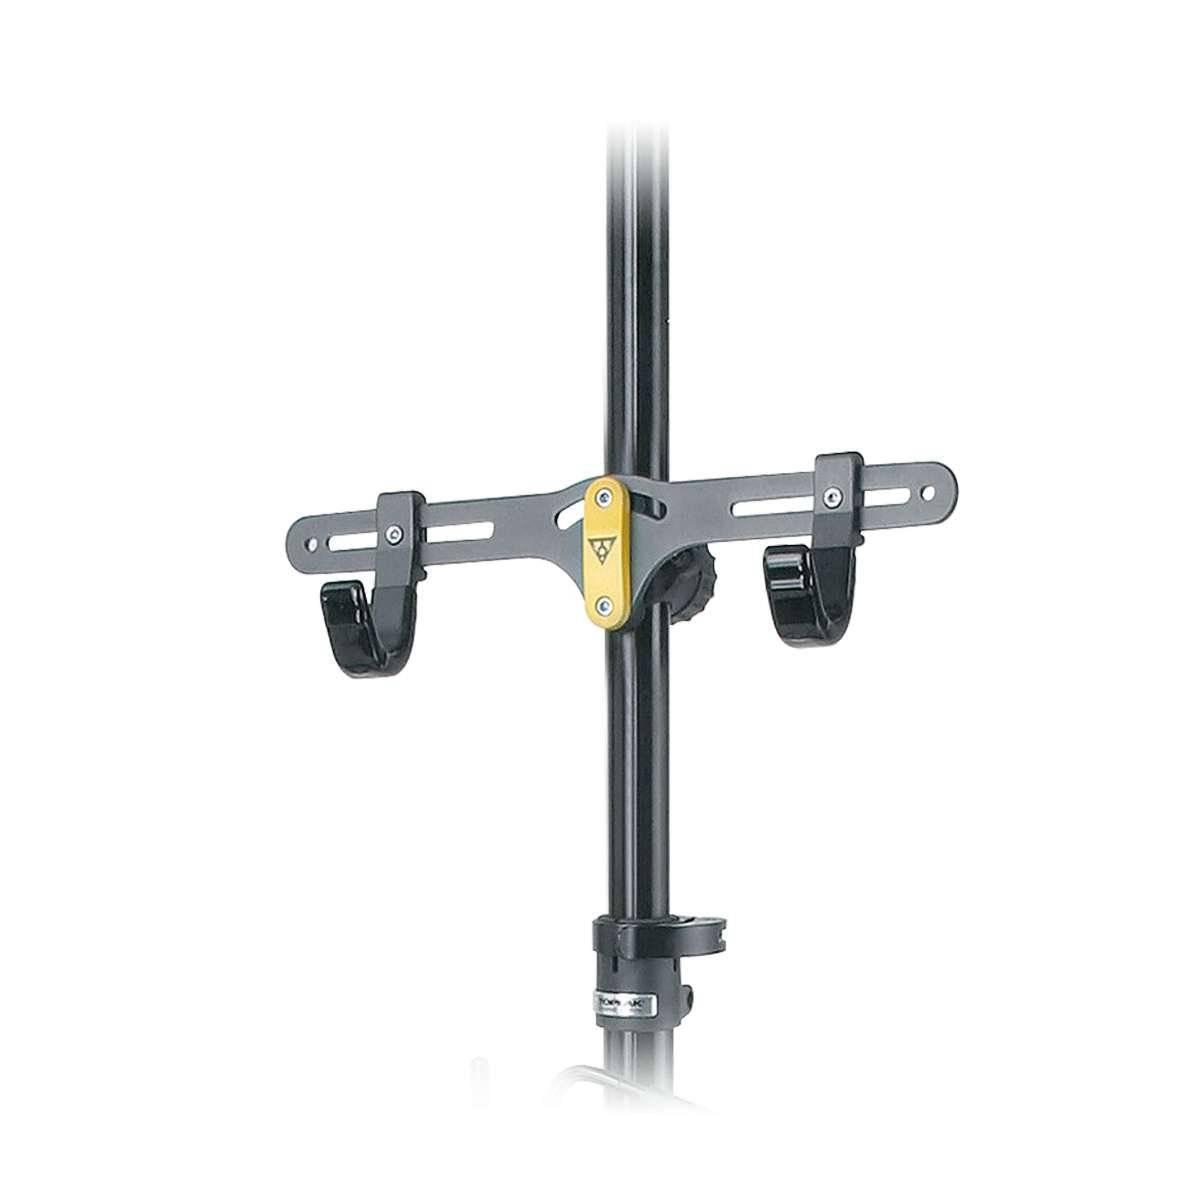 Запчасть велосипедной стойки TOPEAK THE THIRD HOOK (UPPER), TW010-SP02